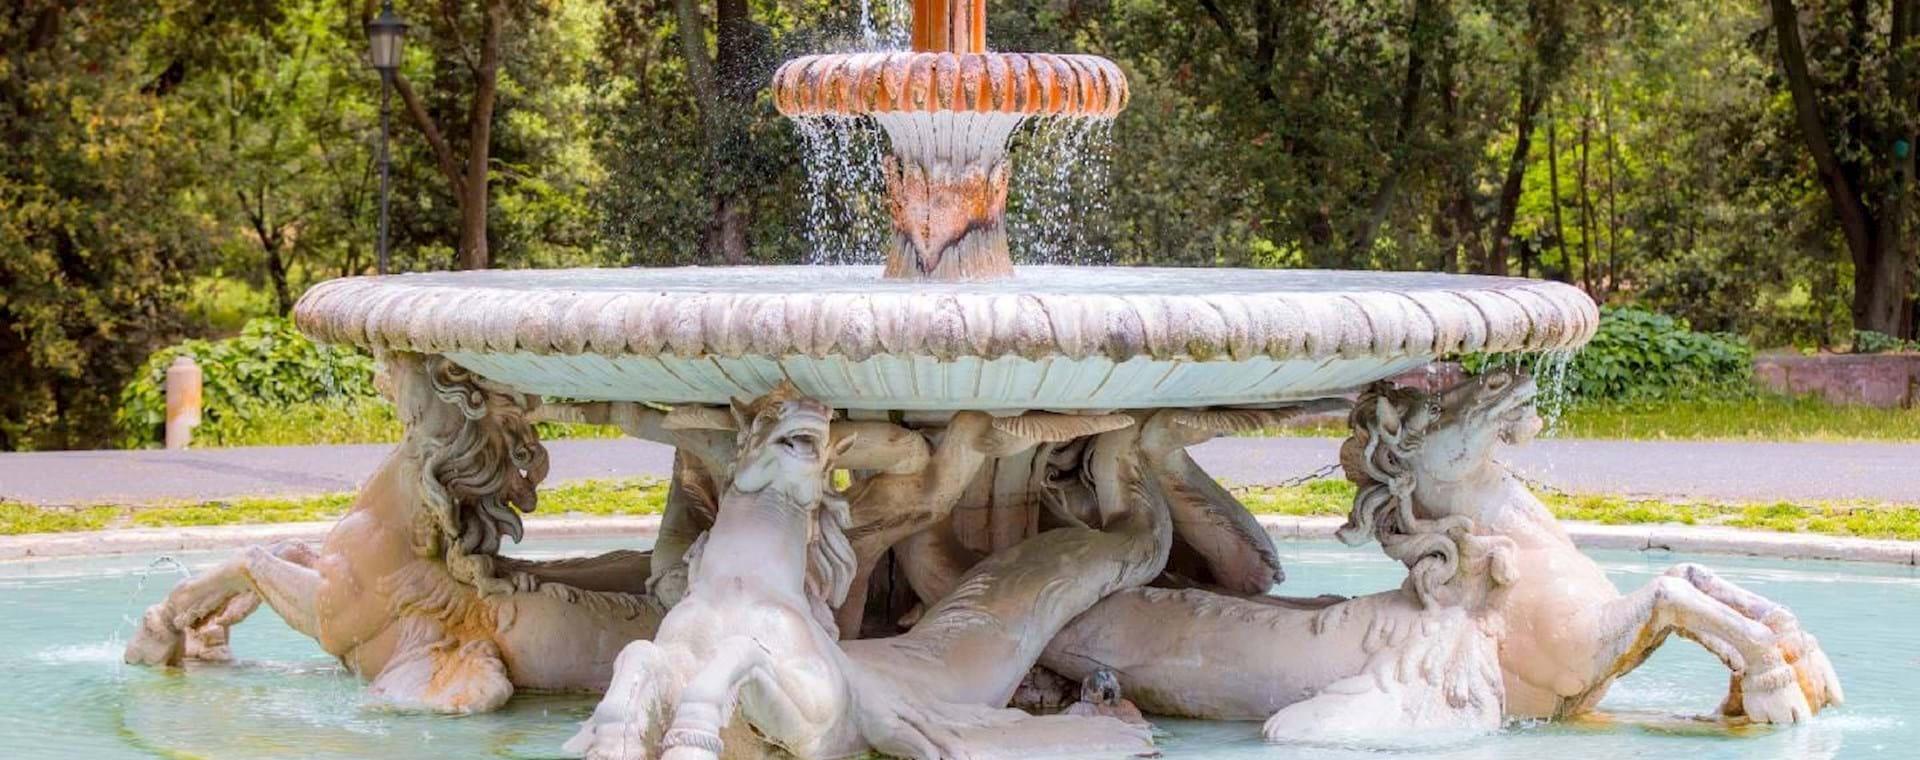 Villa Borghese Gallery & Gardens Tour